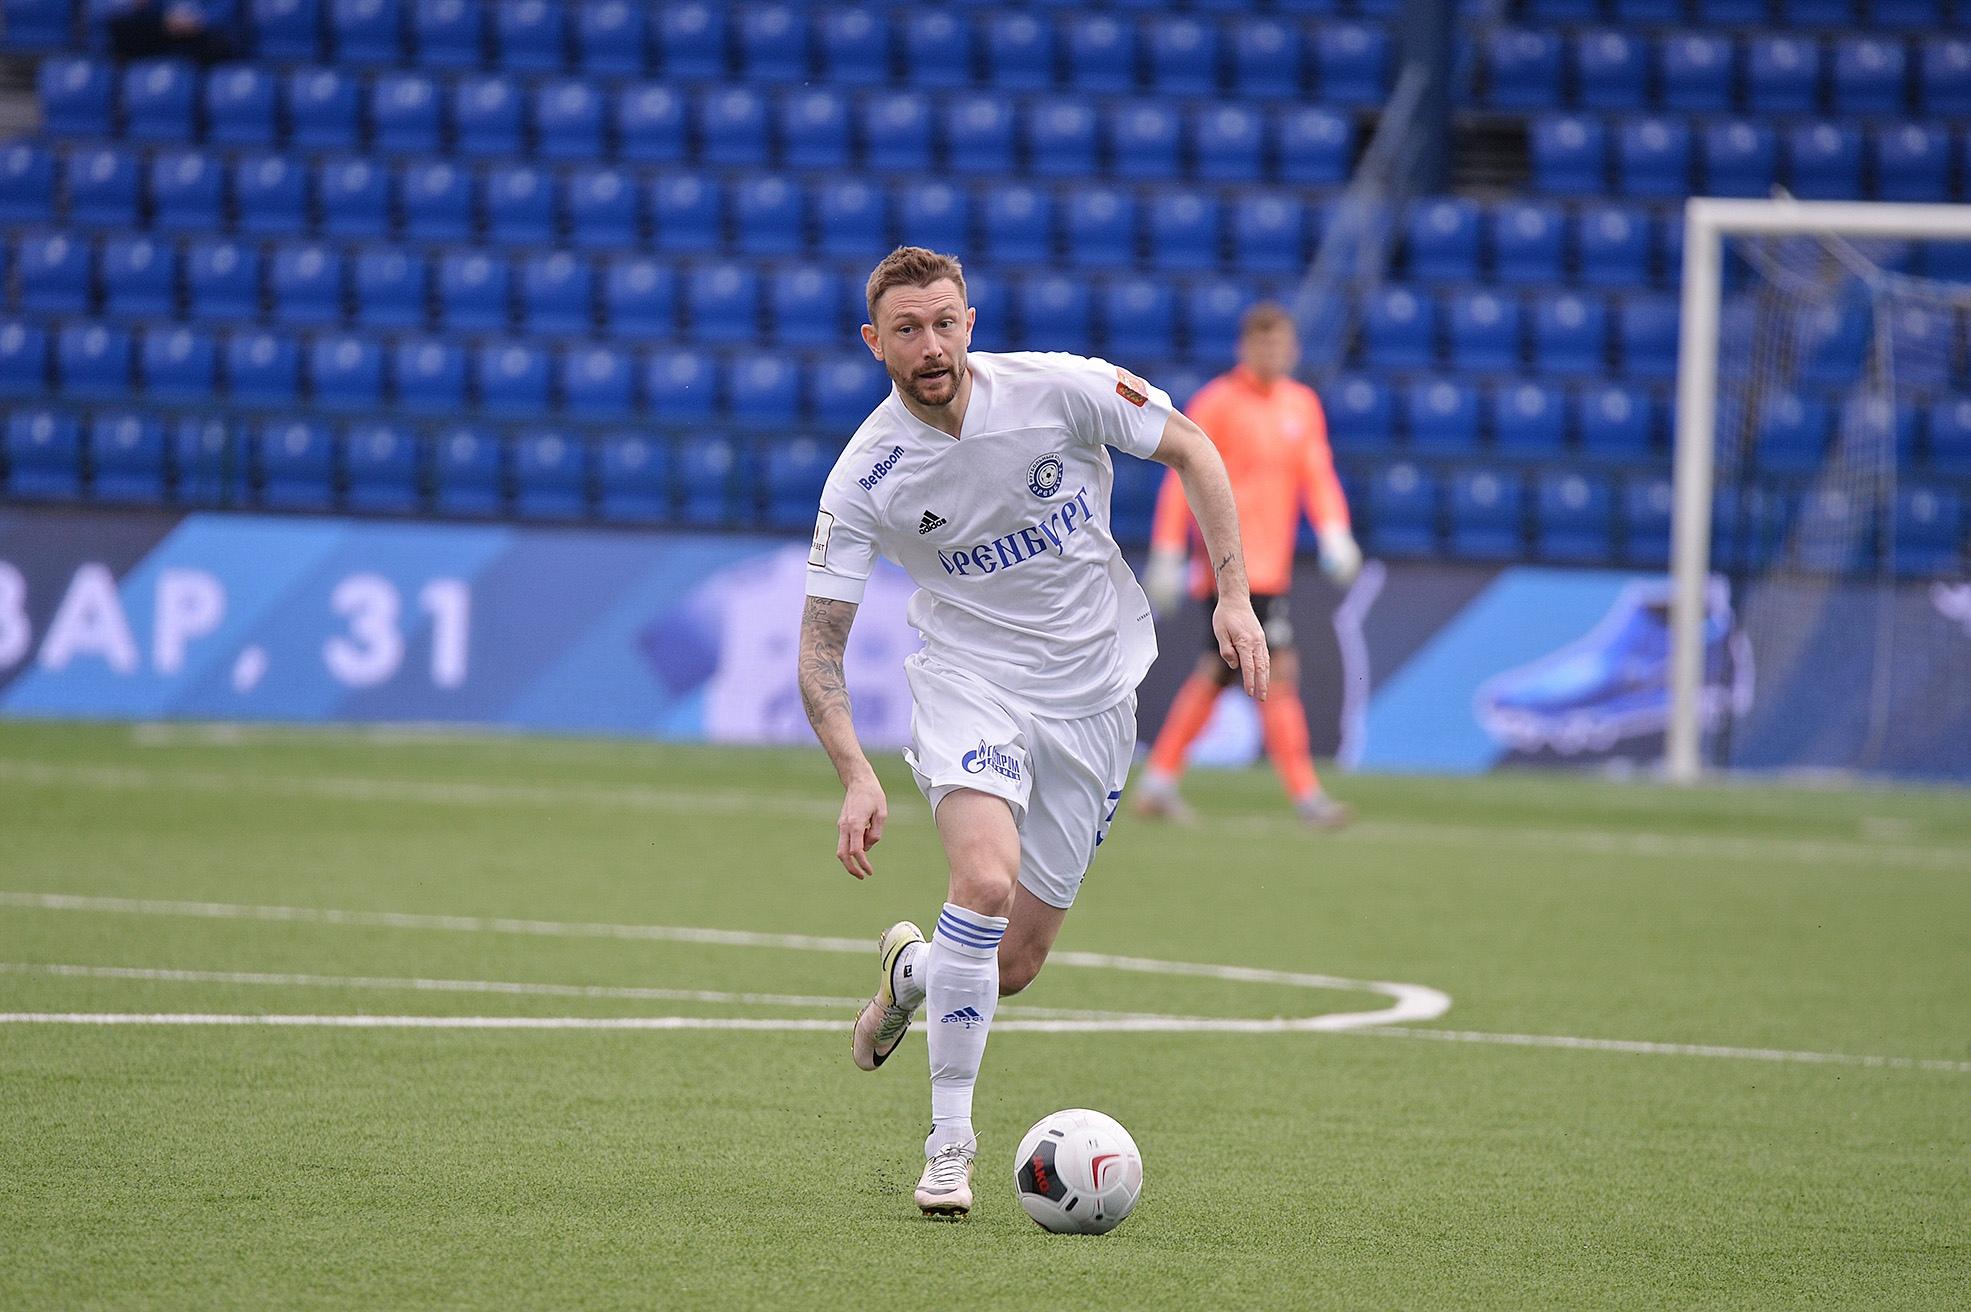 «Оренбург» объявил, что матч с «Факелом» пройдет без зрителей